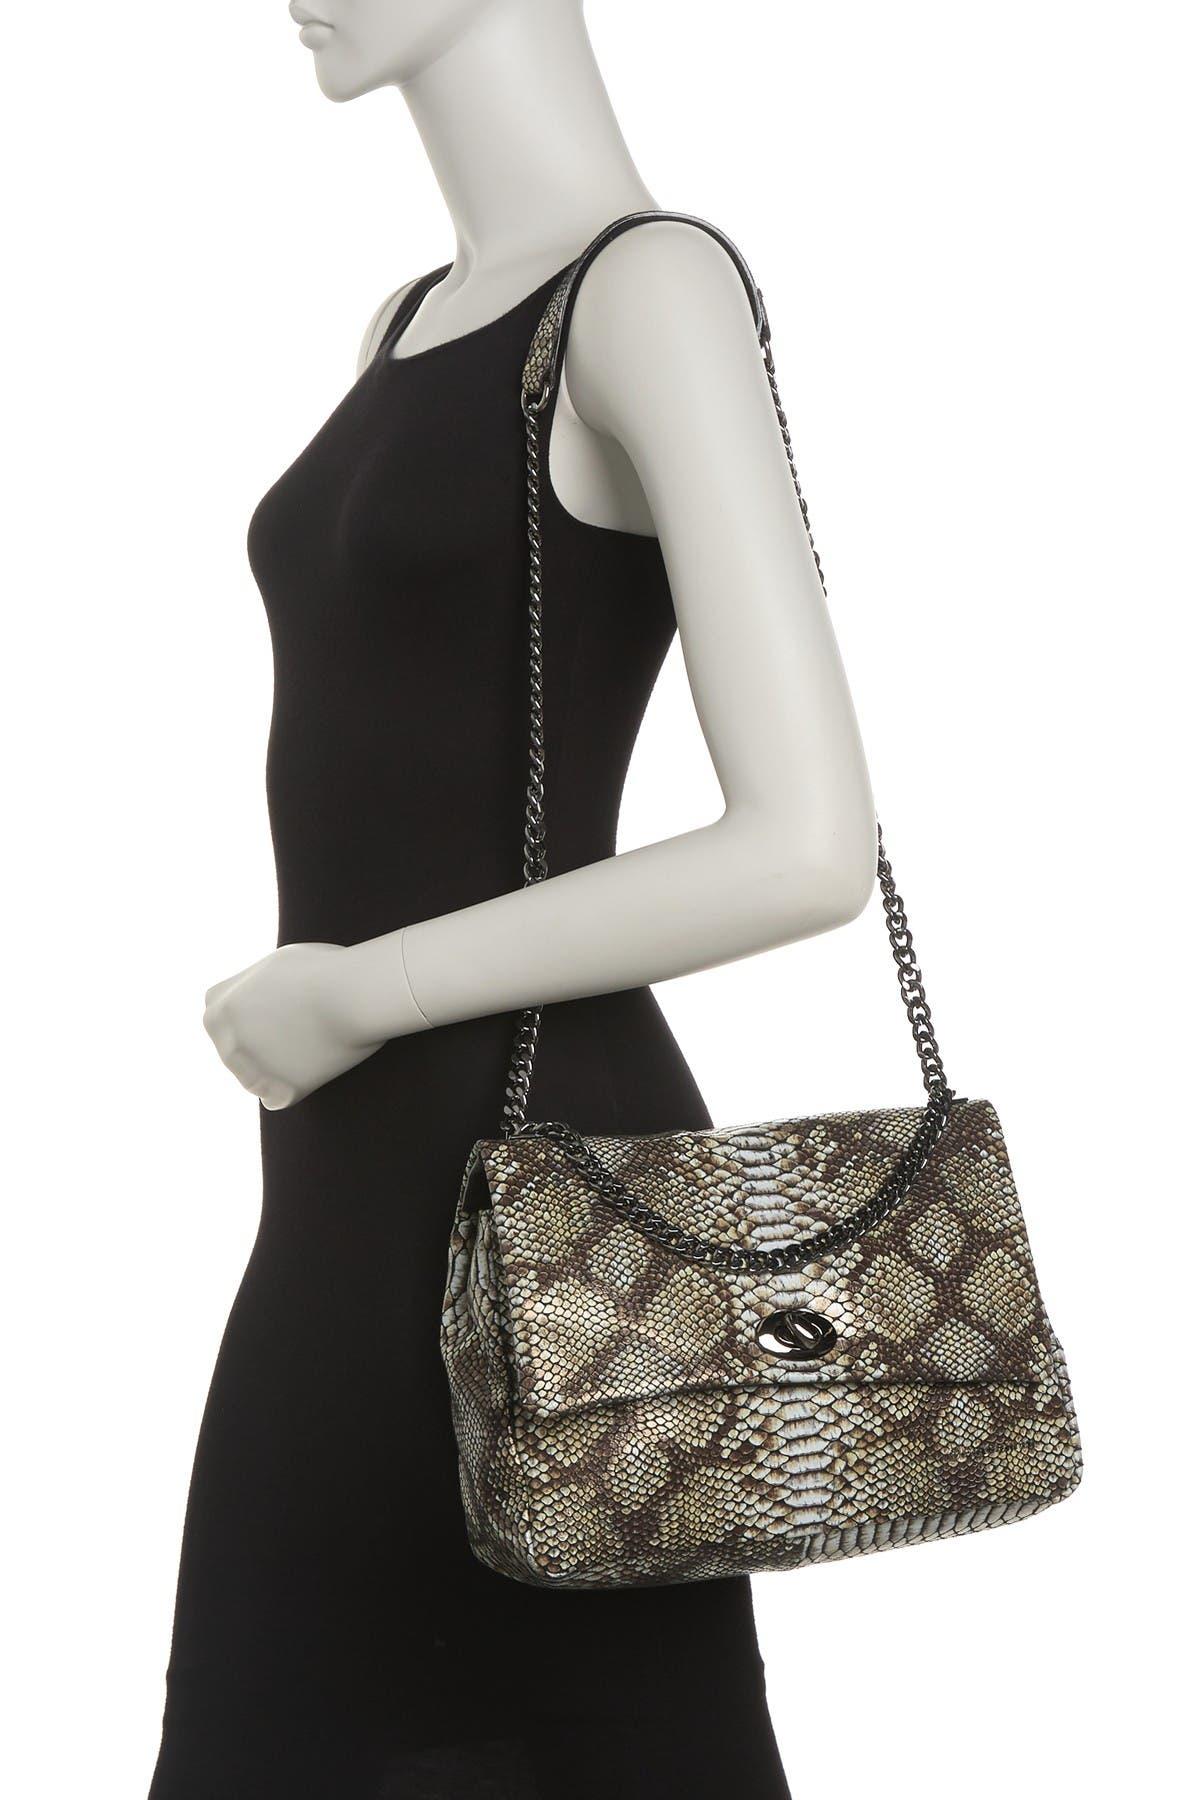 Image of Persaman New York Ella Shoulder Bag